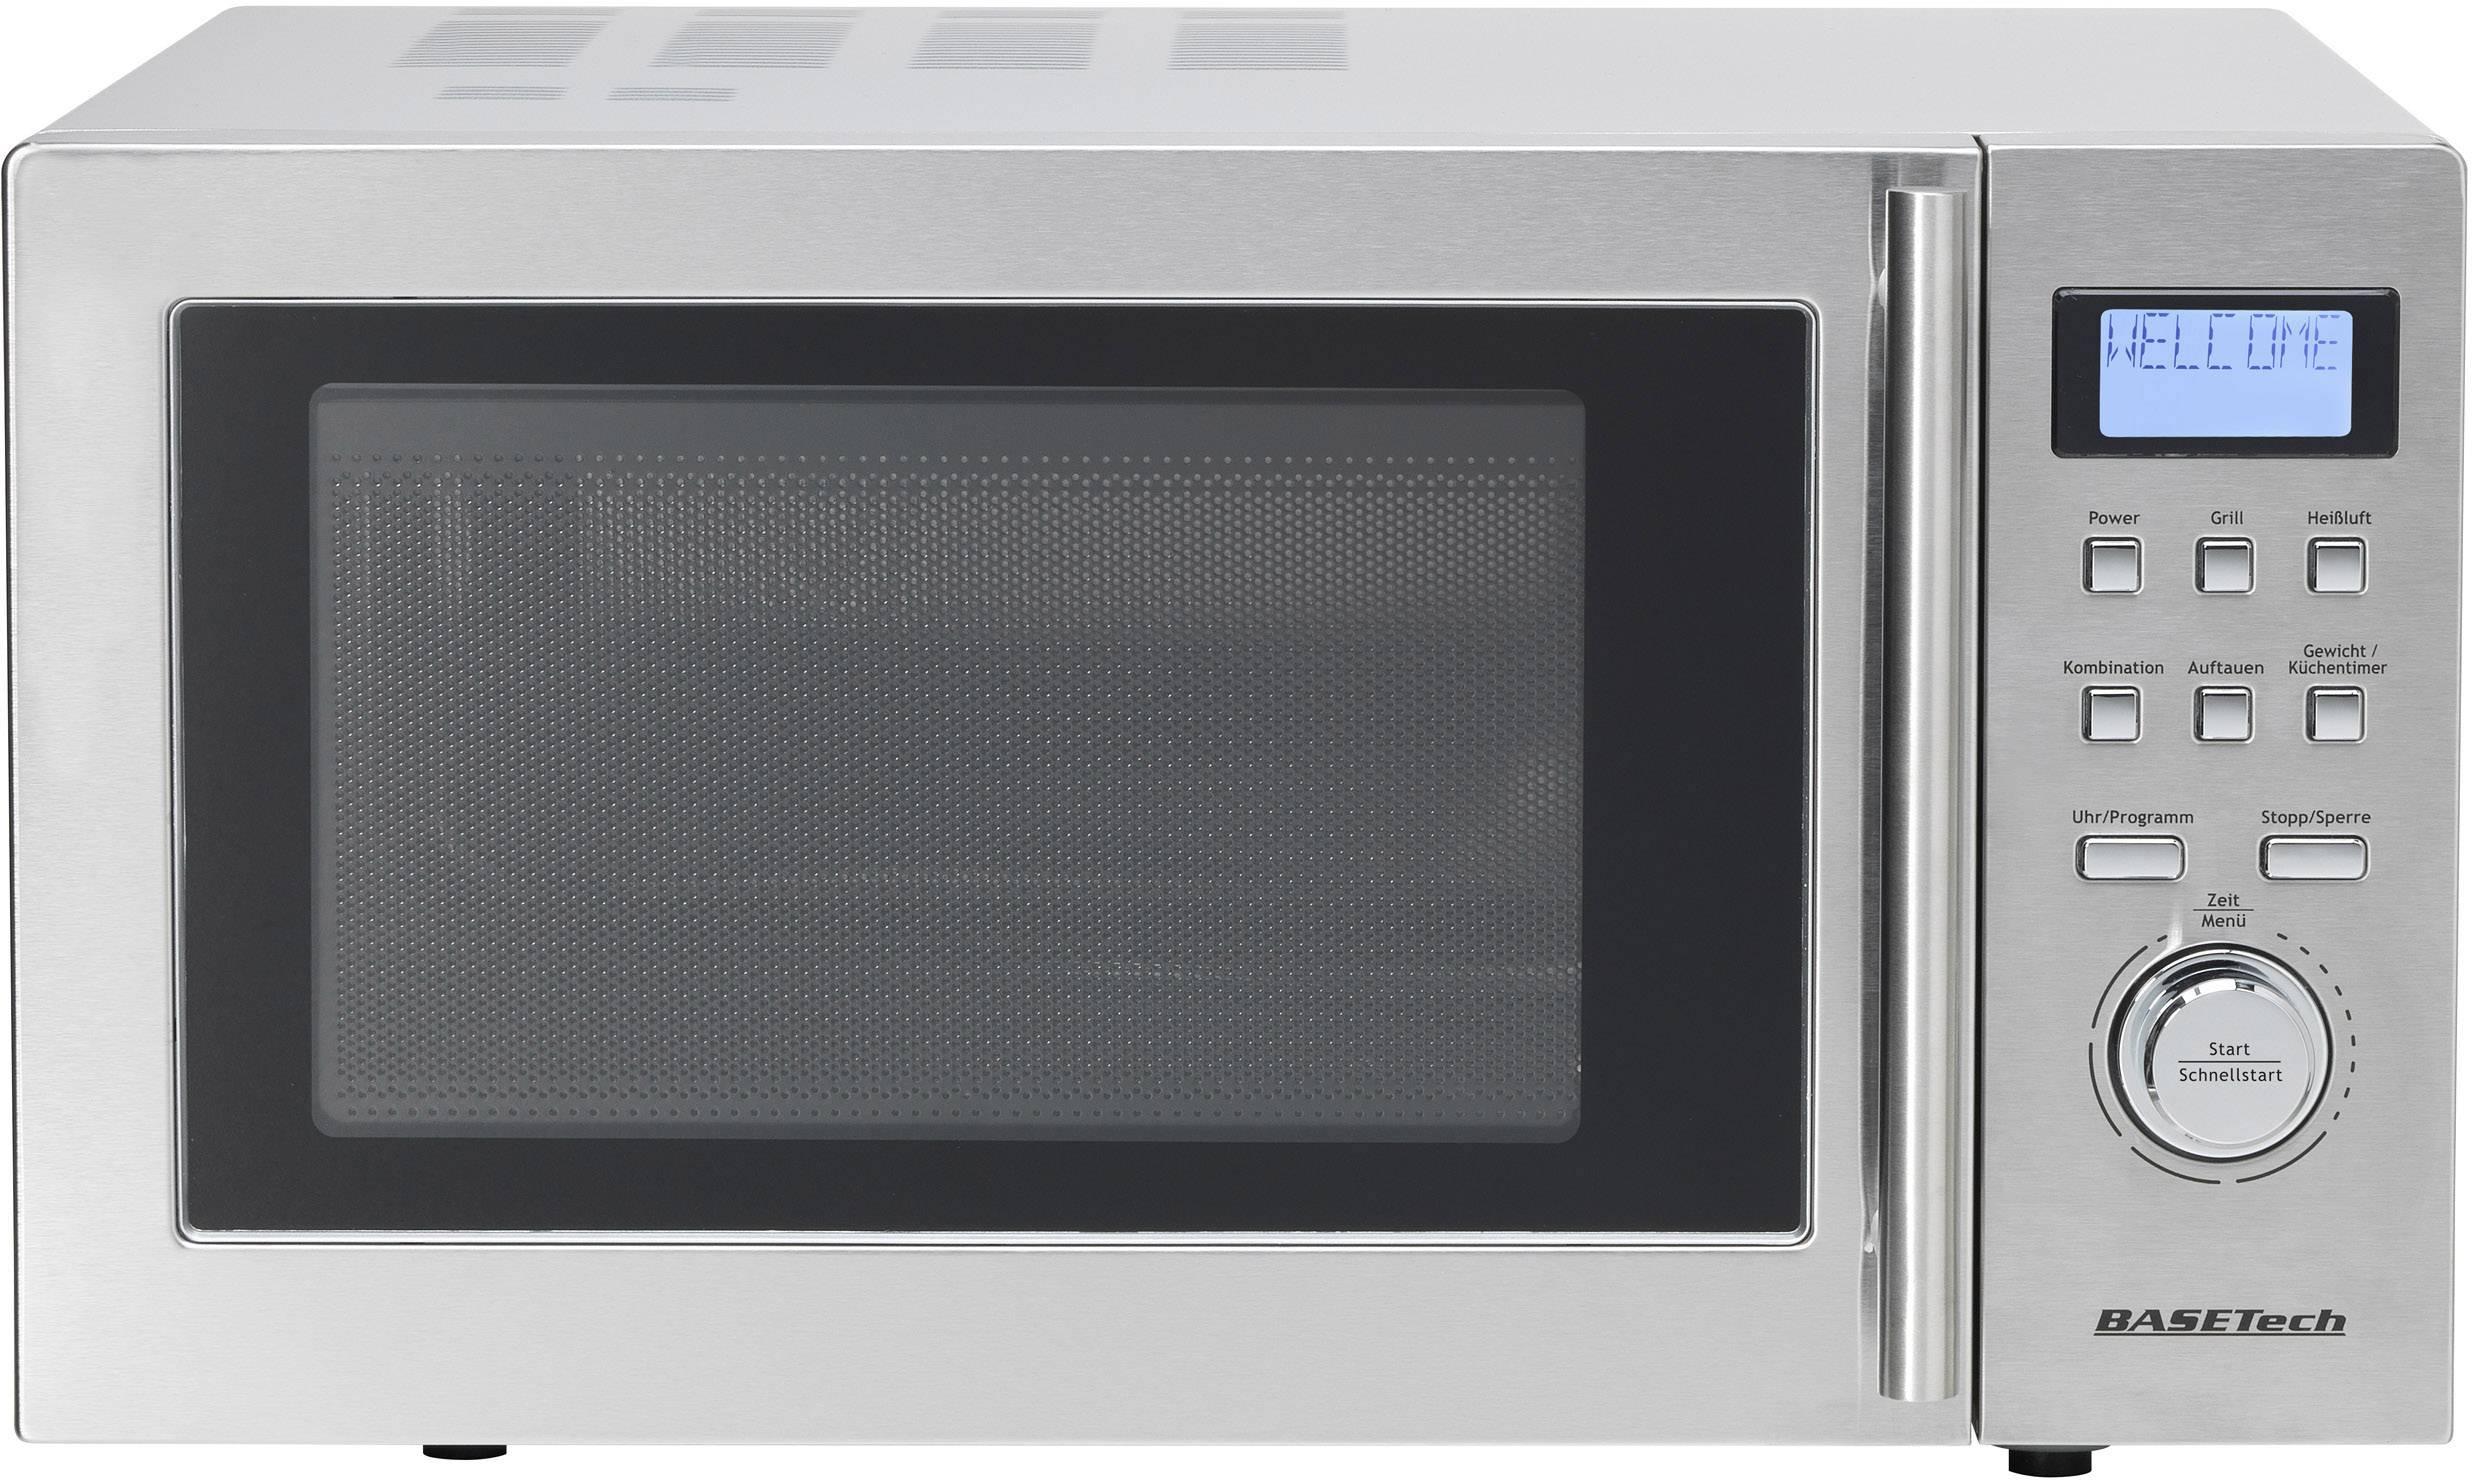 Mikrovlnná trouba Basetech D90D25, 900 W, funkce grilování, horkovzdušný, funkce časovače